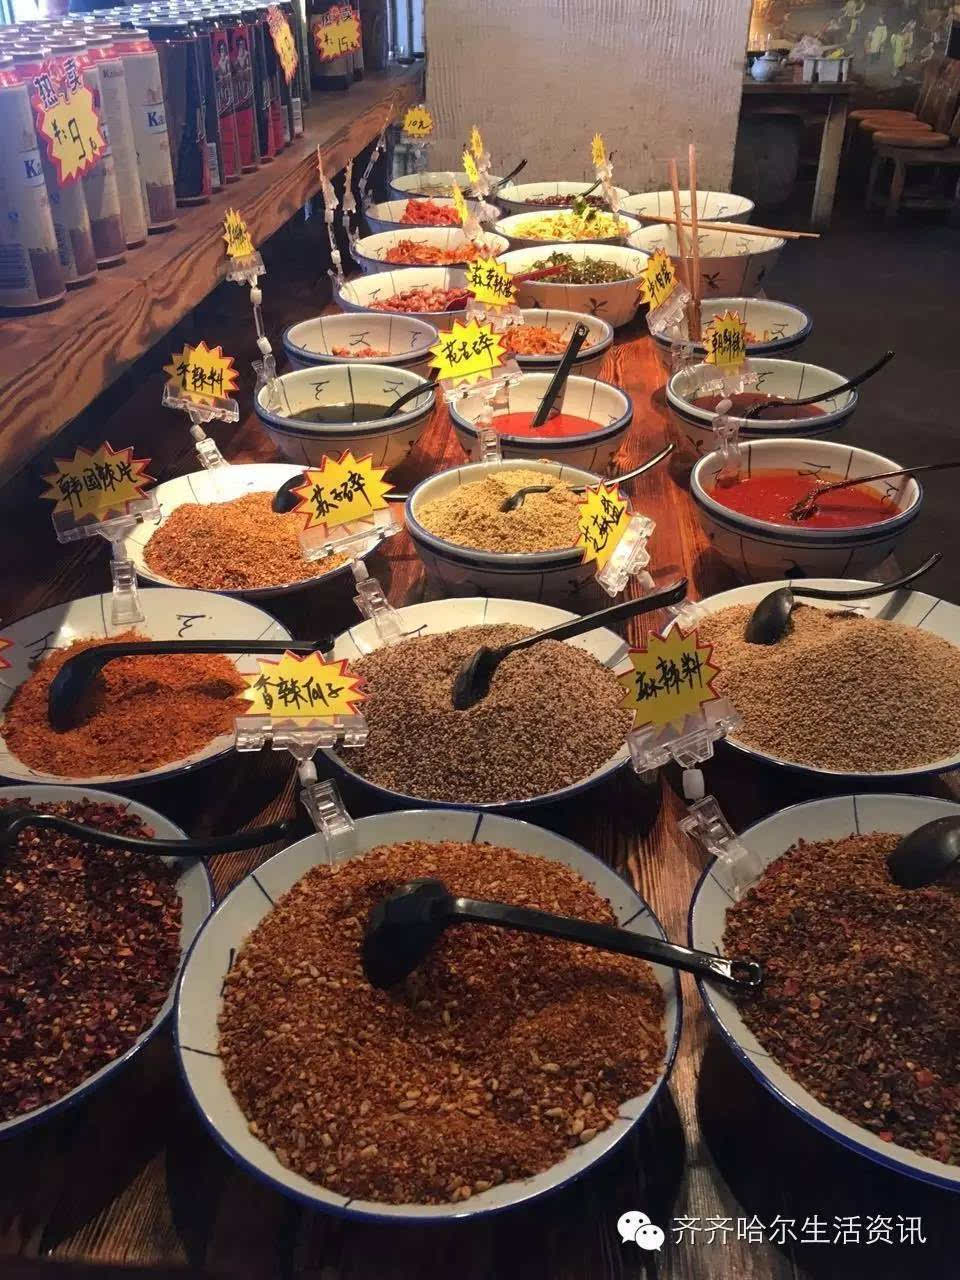 齐齐哈尔历史上规模最大的烧烤美食节来啦 据说还要申报吉尼斯世界纪